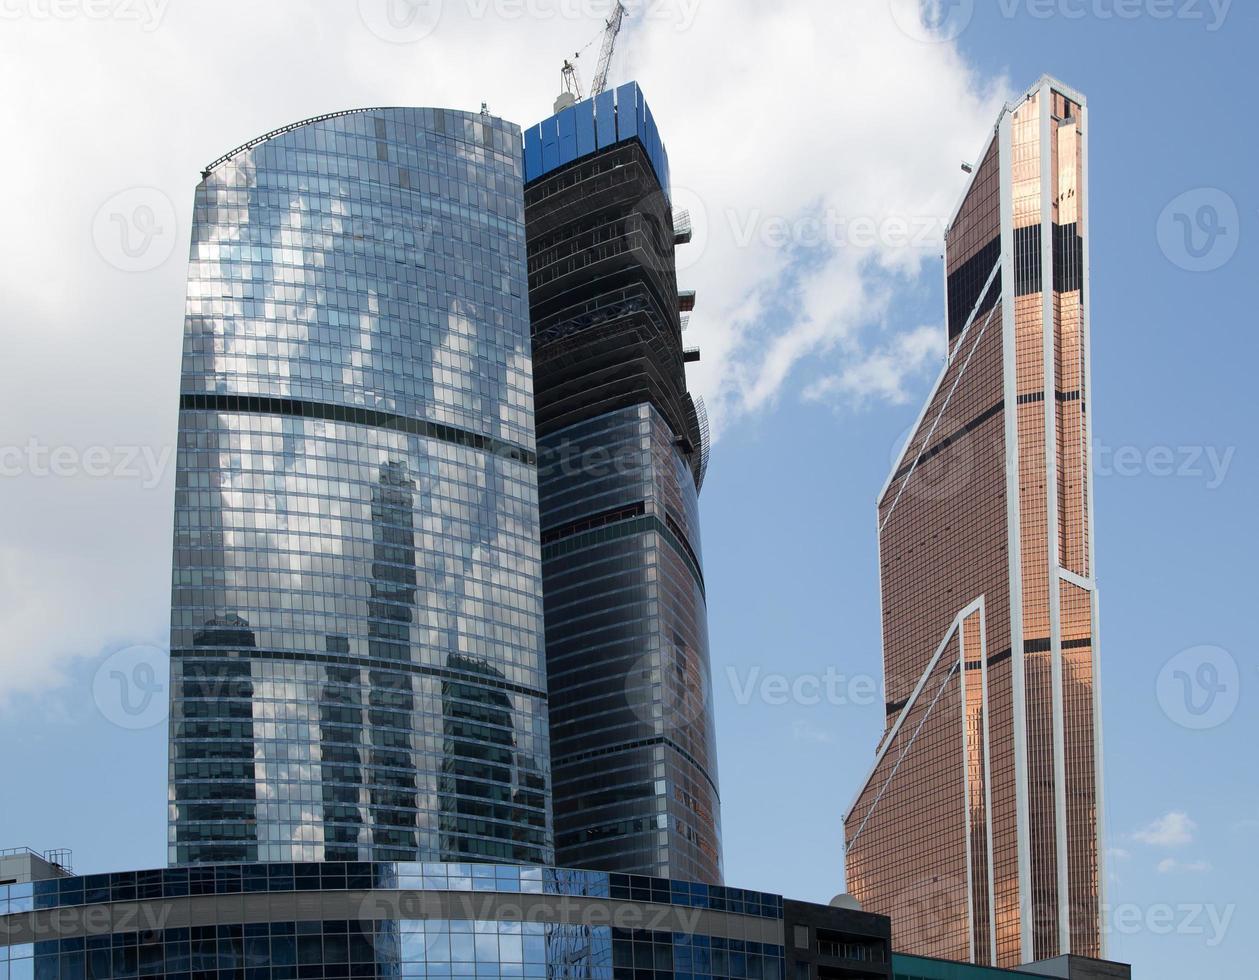 Rascacielos del centro internacional de negocios (ciudad), Moscú, Rusia foto